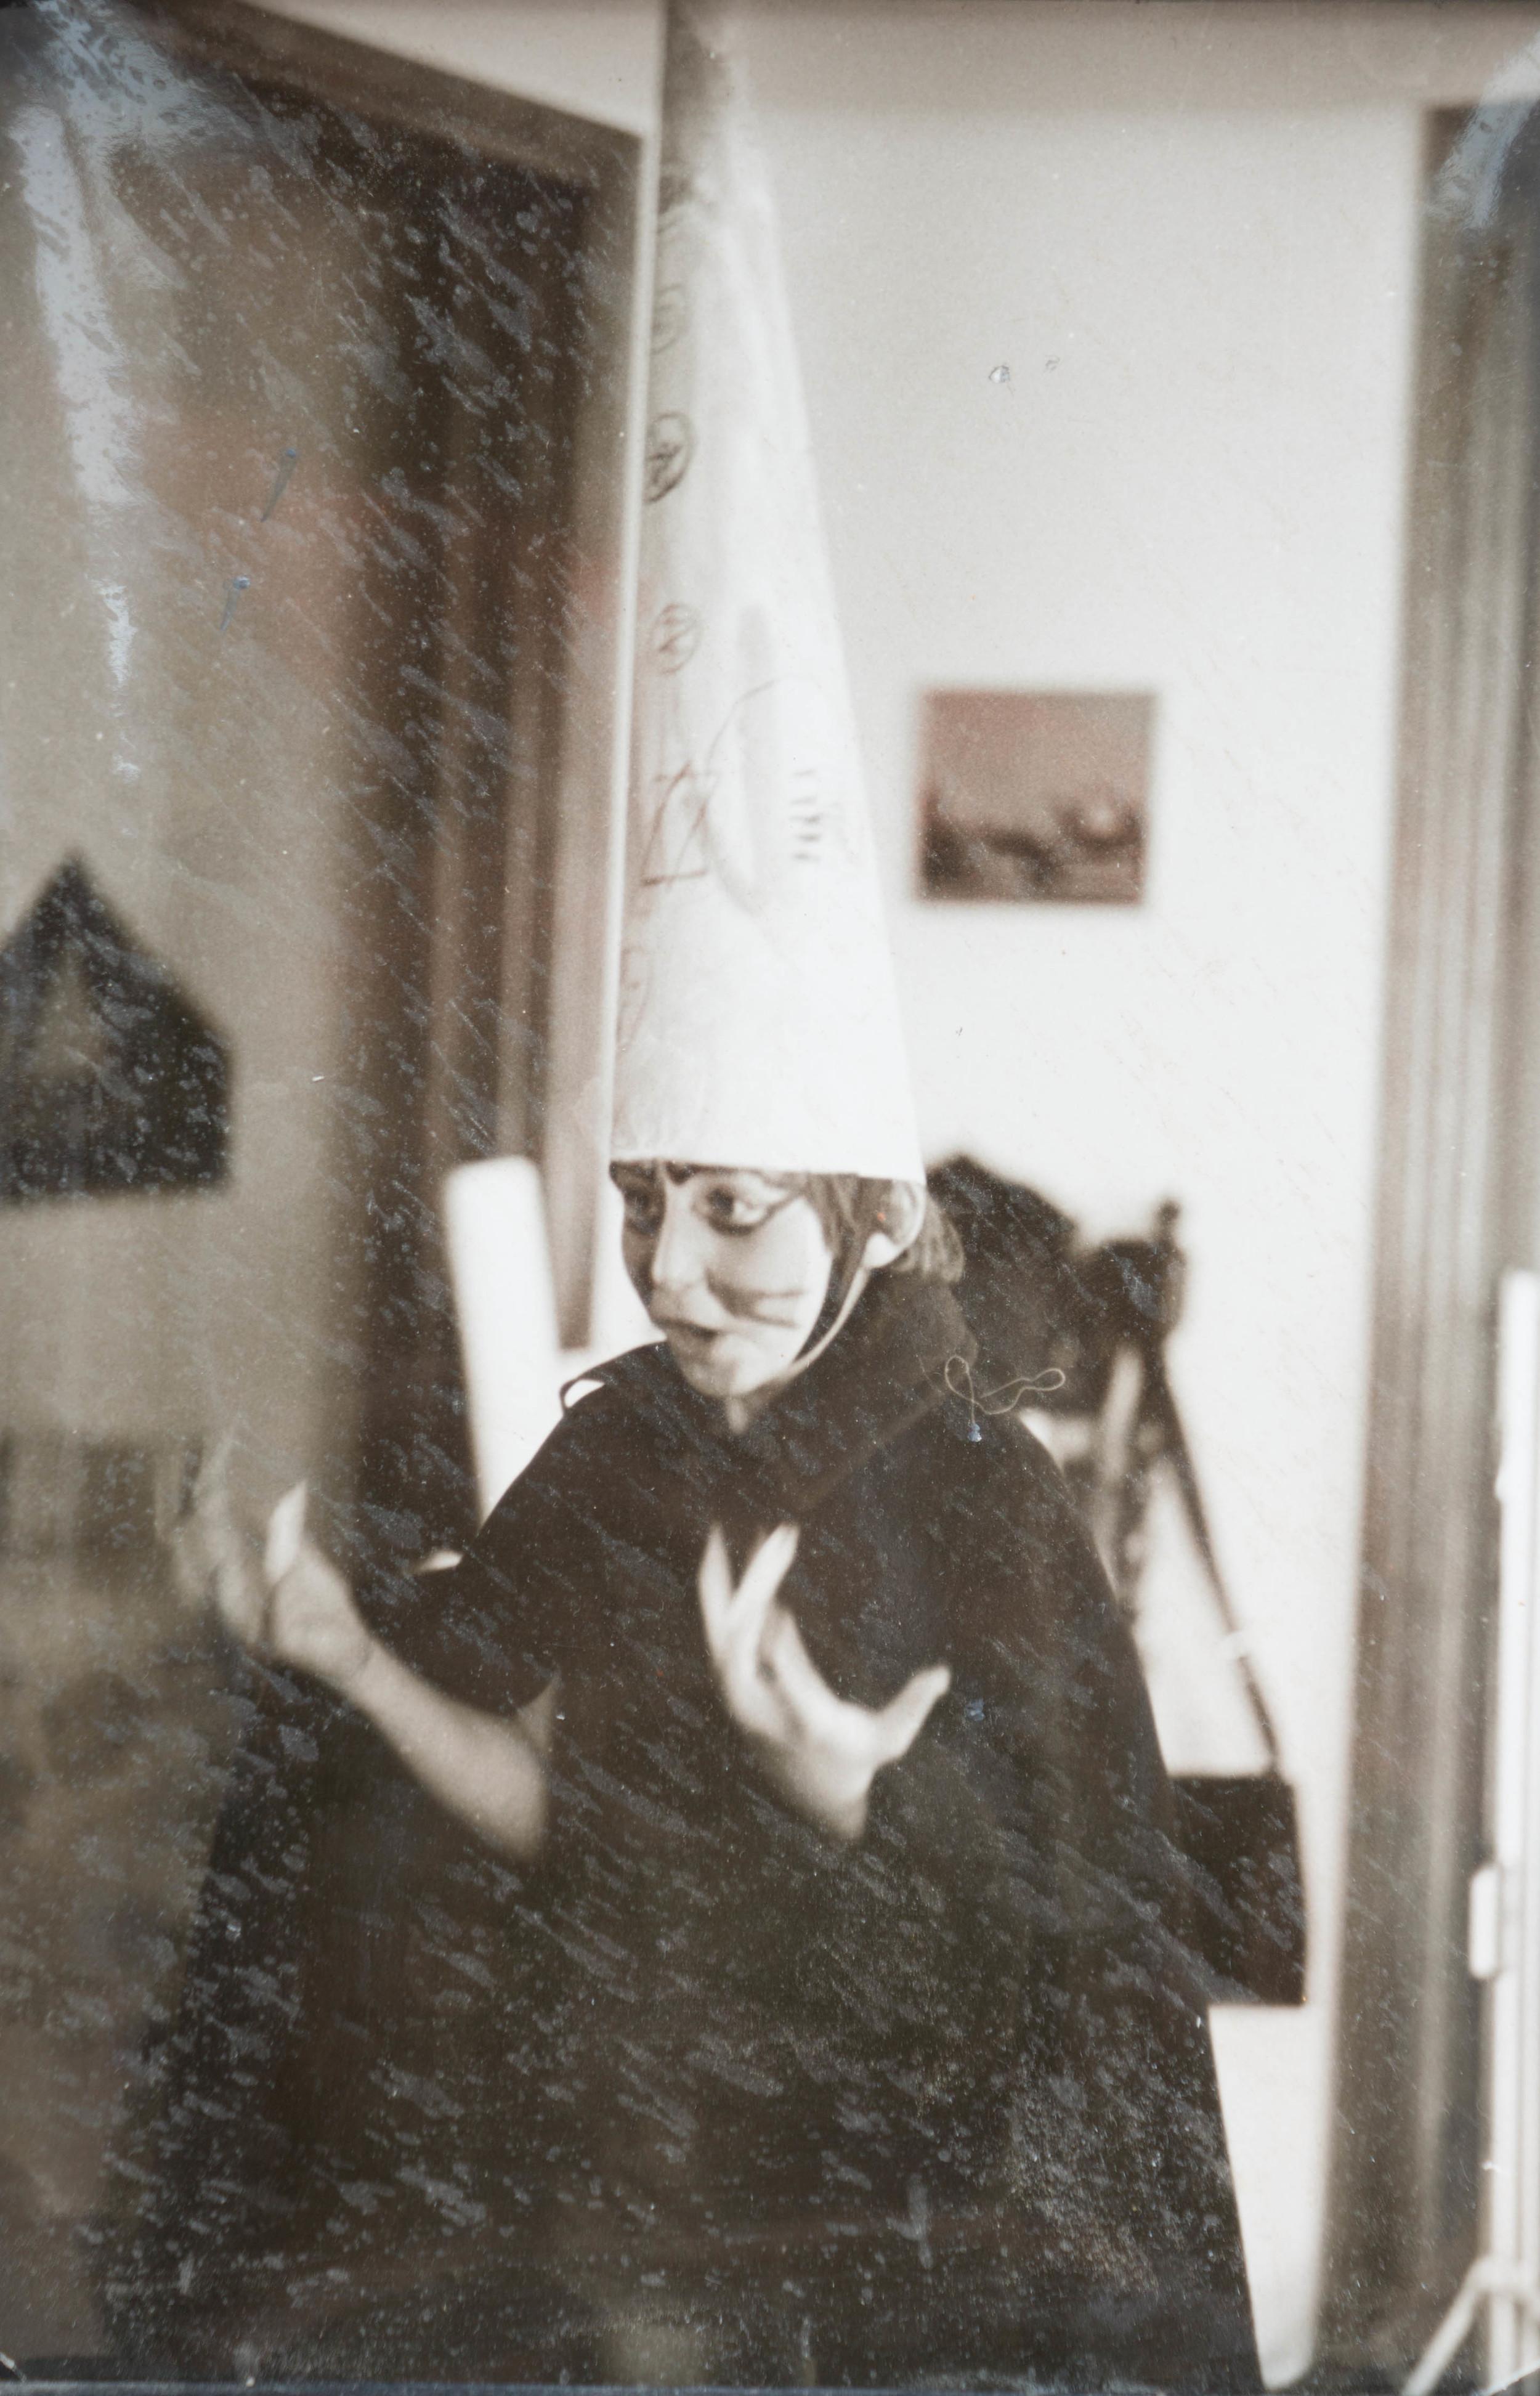 dimitri as a kid, acting at home